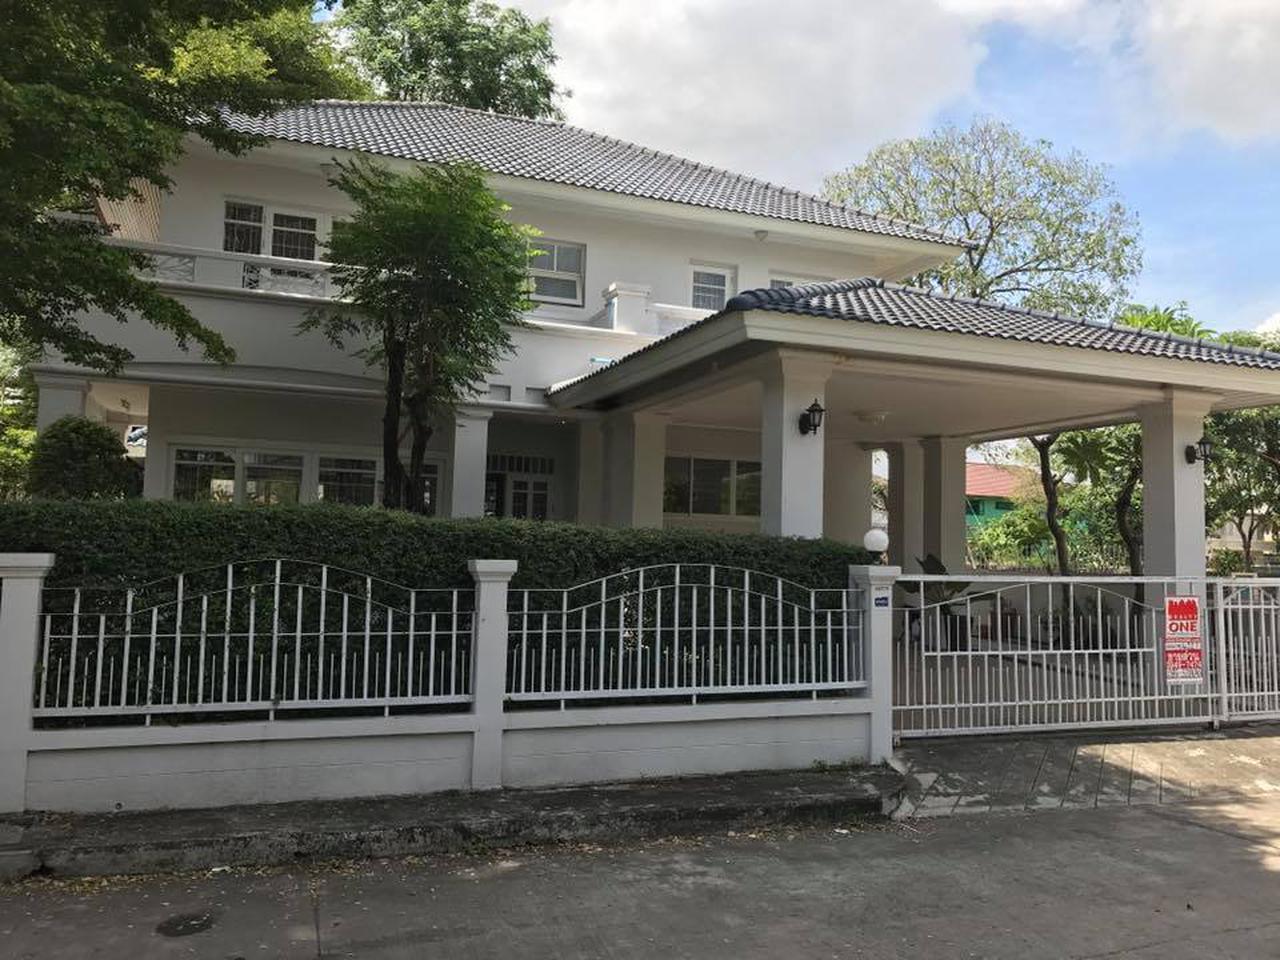 บ้านเดี่ยวเพอร์เฟคเพลส รามคำแหง ซอย 164 รูปที่ 2